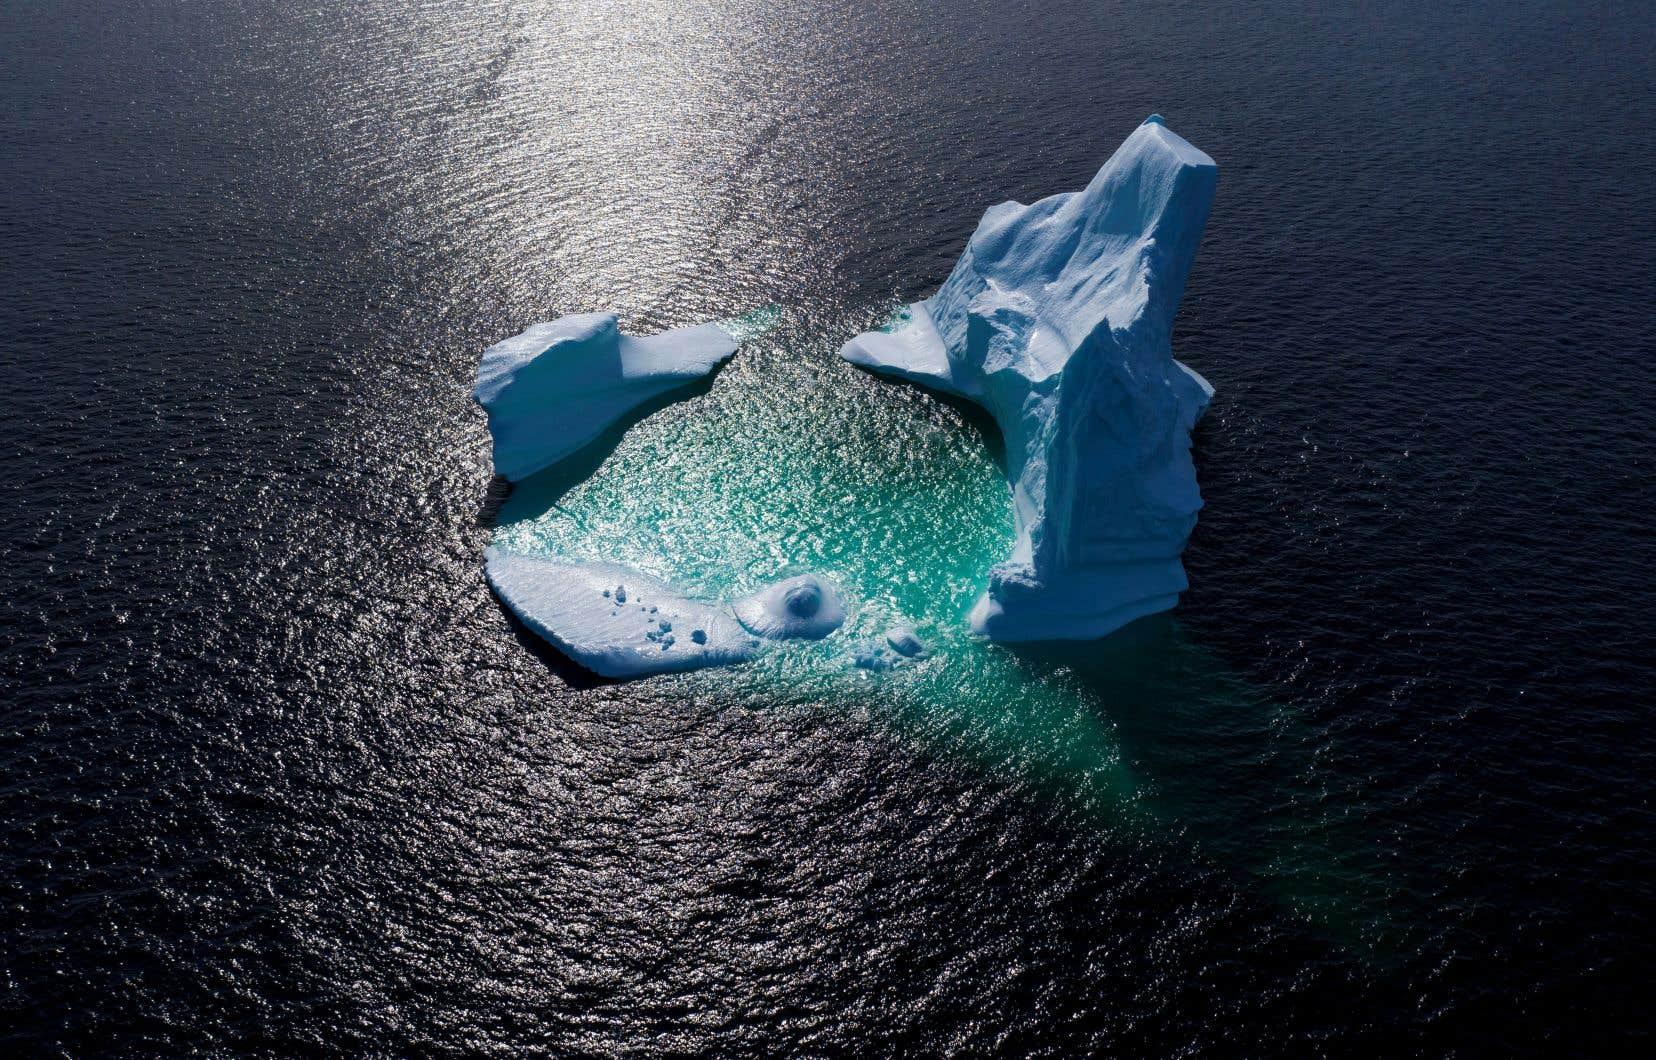 La hausse du niveau des océans forcerait en 2050 à migrer par «millions». Mais l'information n'a pas fait la une.